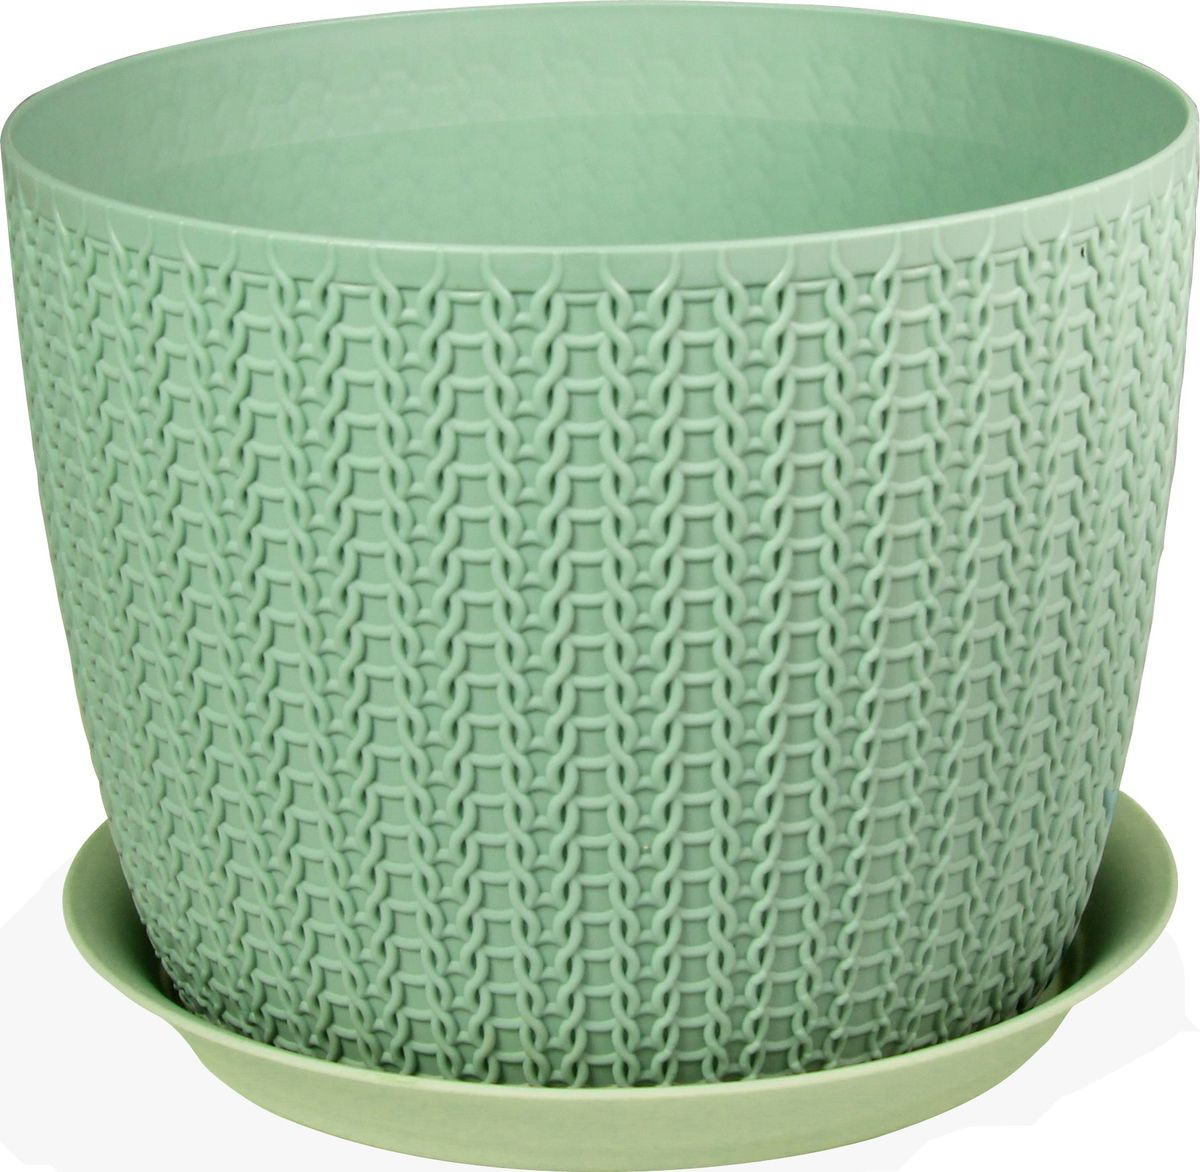 Кашпо Idea Вязание, с поддоном, цвет: фисташковый, диаметр 18 см200-1-bl-cuКашпо Idea Вязание изготовлено из полипропилена (пластика). Специальная подставка предназначена для стока воды. Изделие прекрасно подходит для выращивания растений и цветов в домашних условиях.Диаметр кашпо: 18 см. Высота кашпо: 14 см. Объем кашпо: 2,8 л.